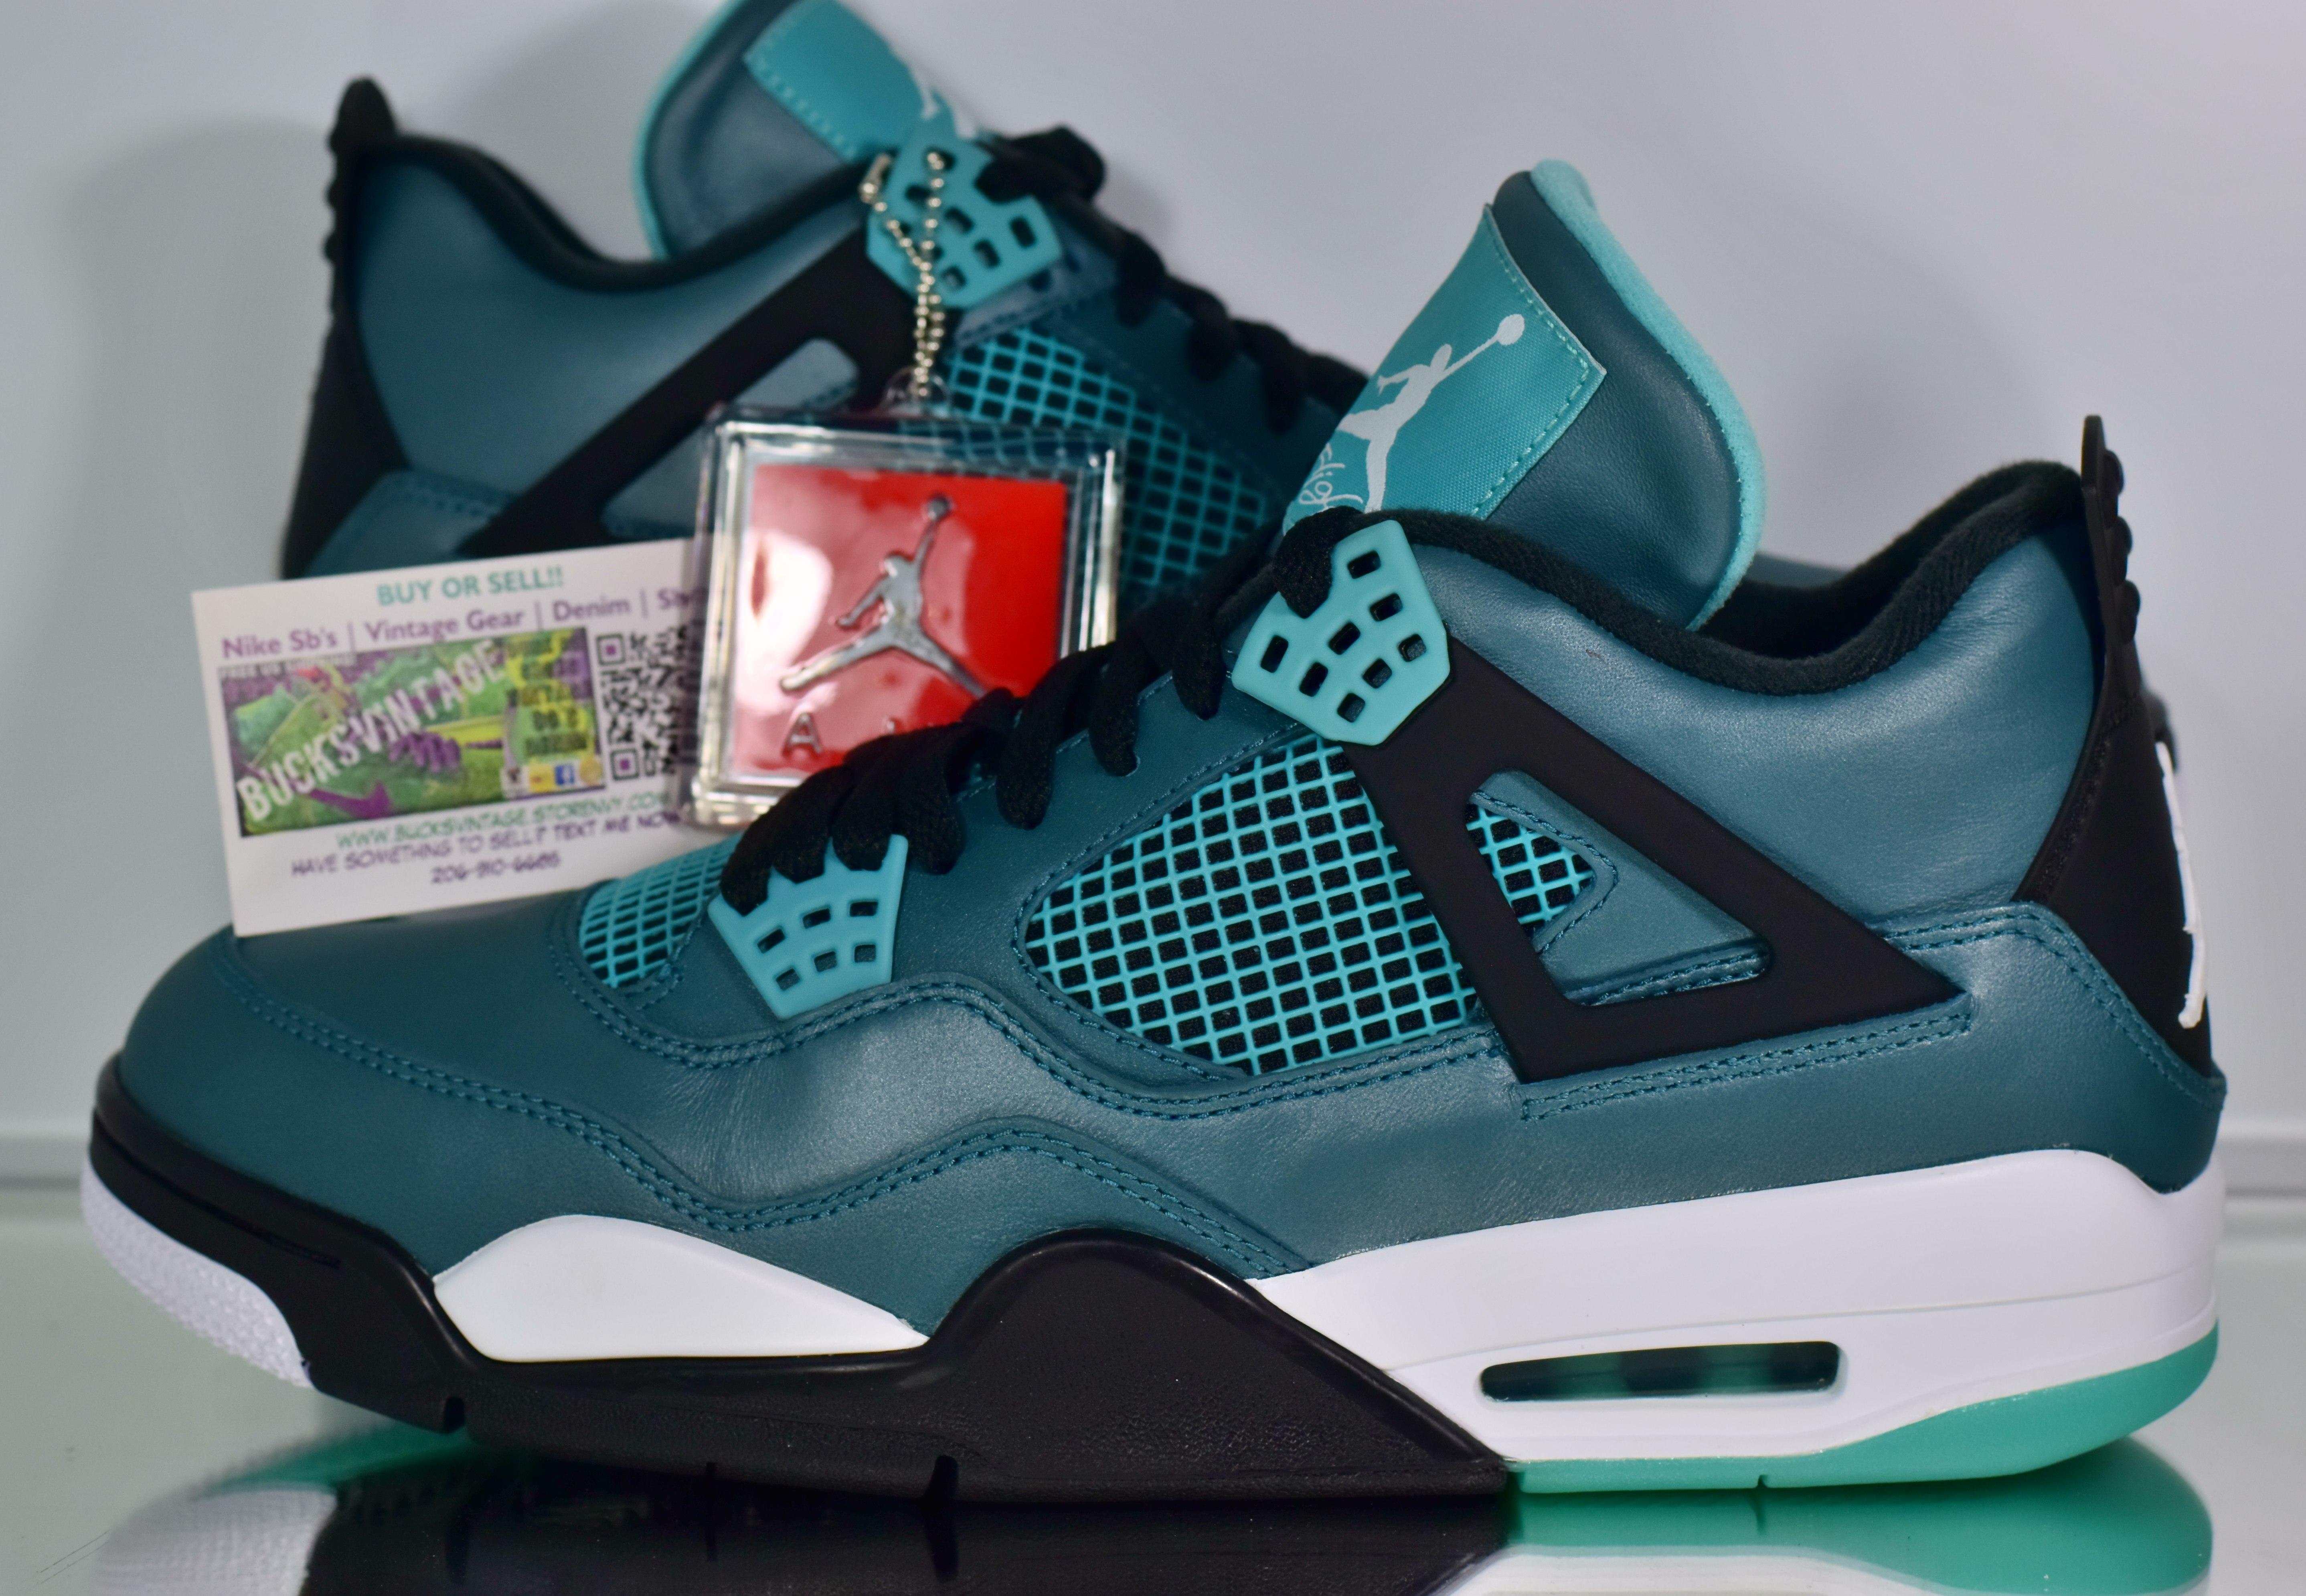 separation shoes 1d312 54673 Nike 20air 20jordan 20iv 20teal original